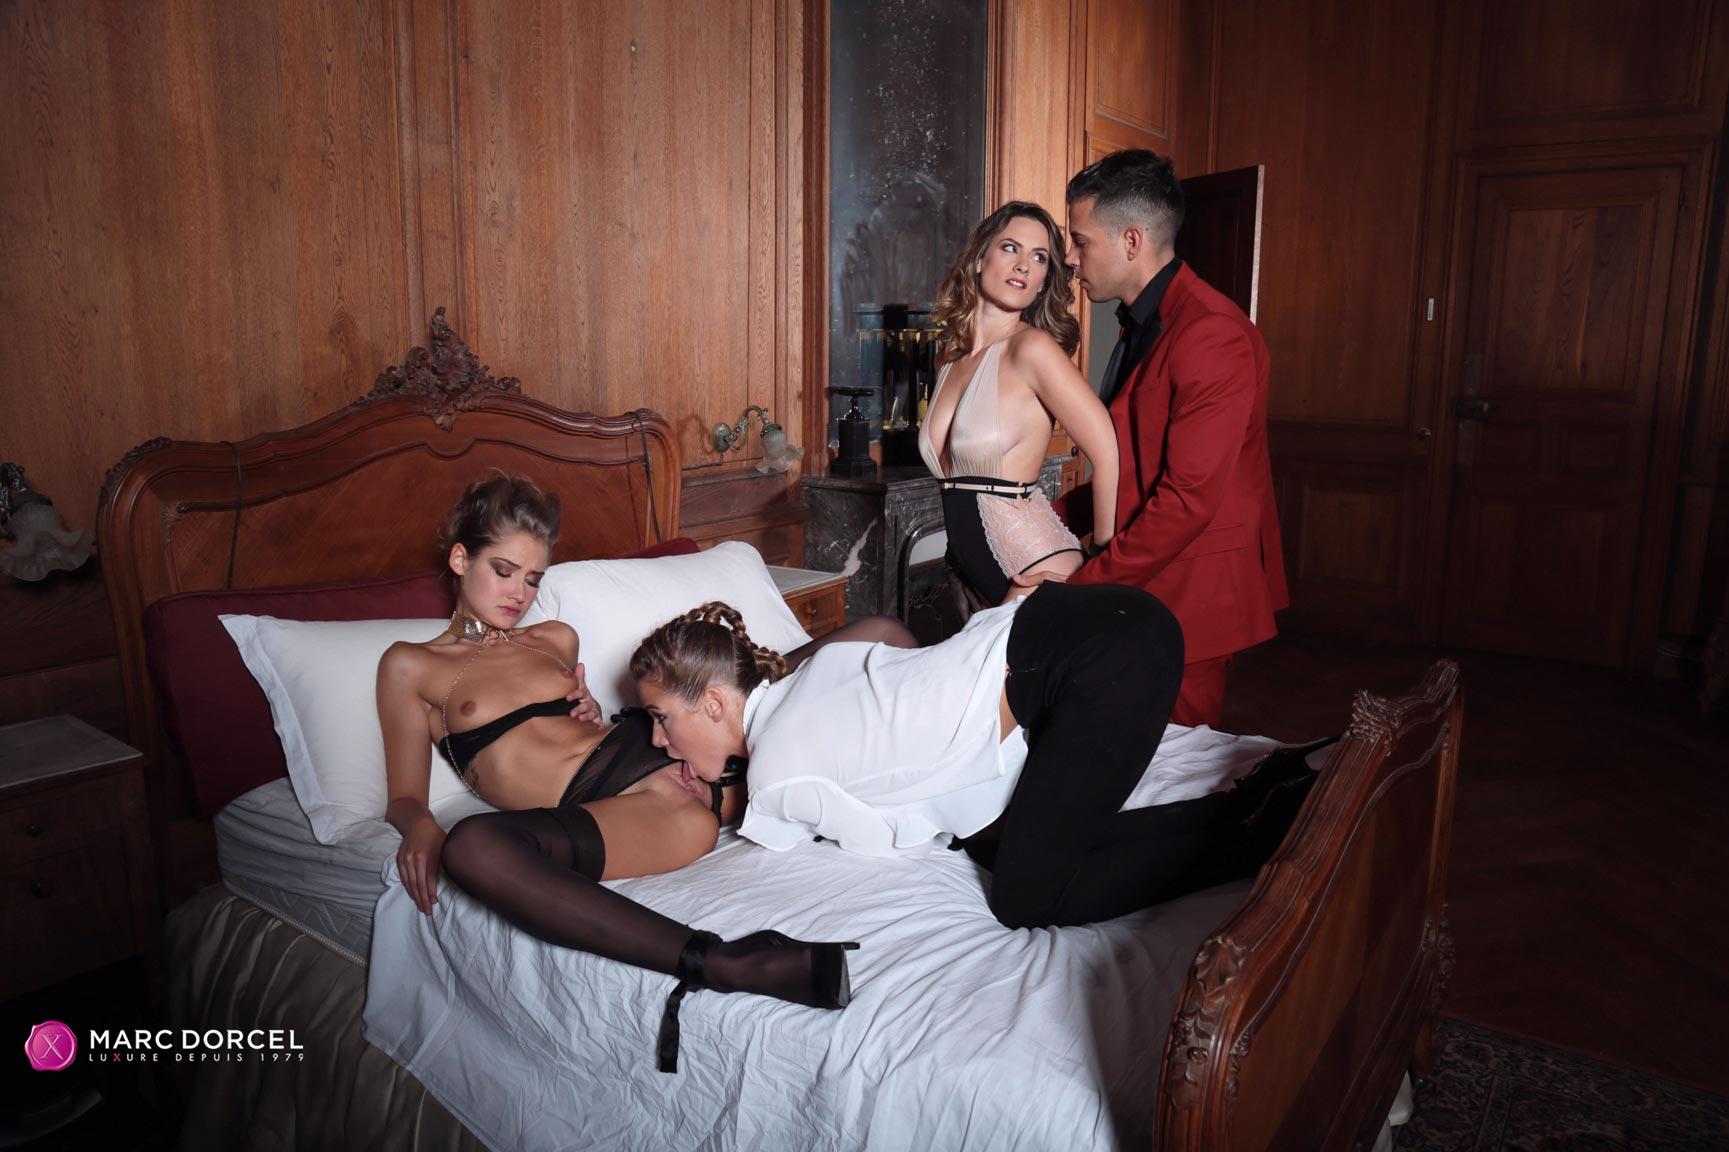 Tiffany Tatum Royal Threesome